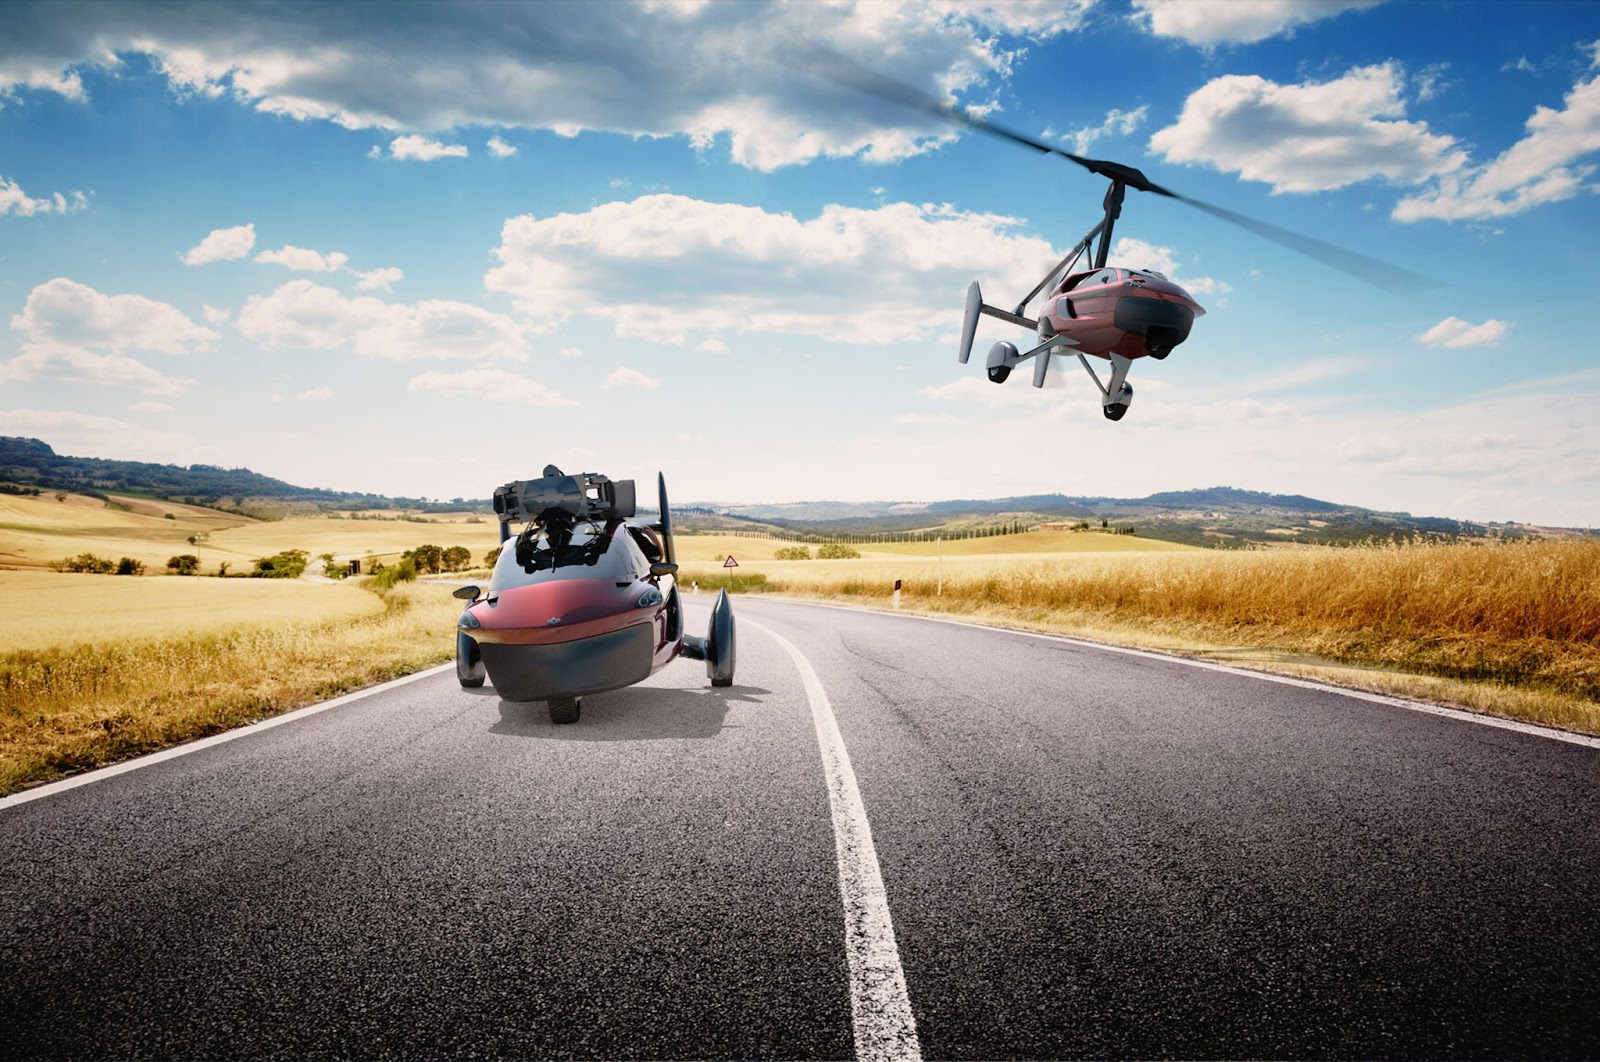 موتورسیکلت پروازی، هواخودرو و حراج فراری ترامپ در یک هفته خودرویی